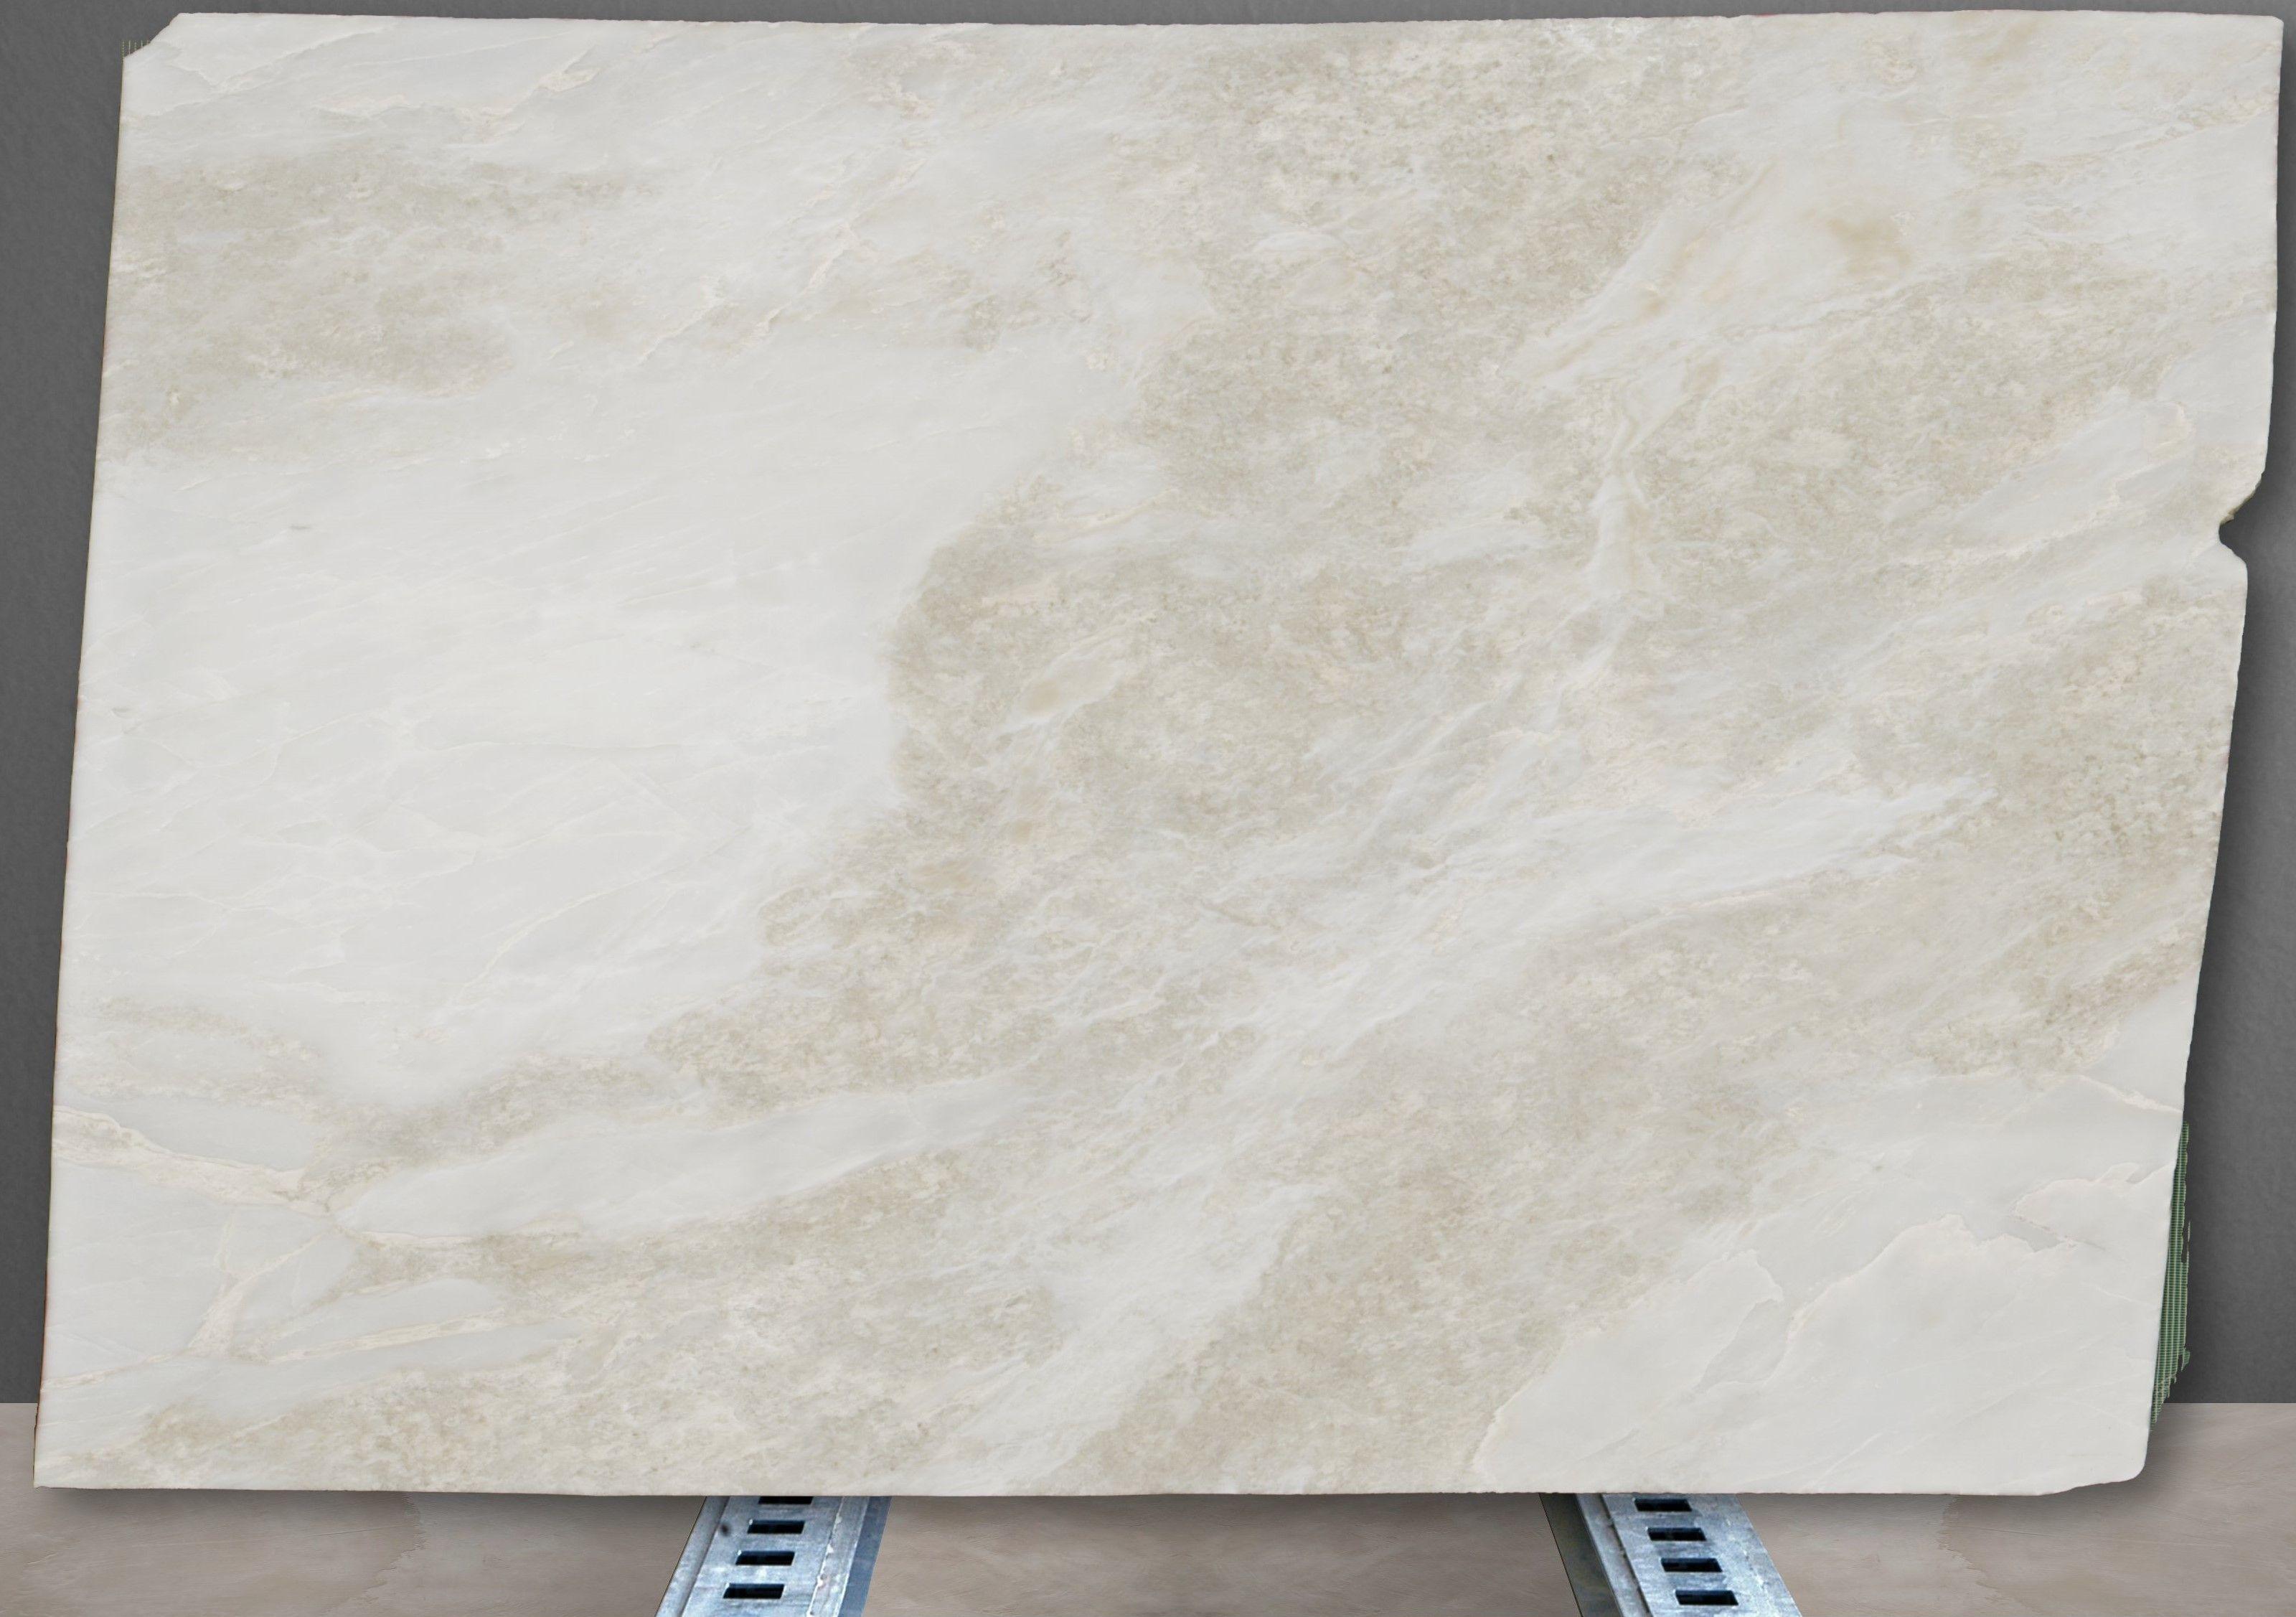 Giallo Siena Marble - Natural Stones - Pinterest - Siena,